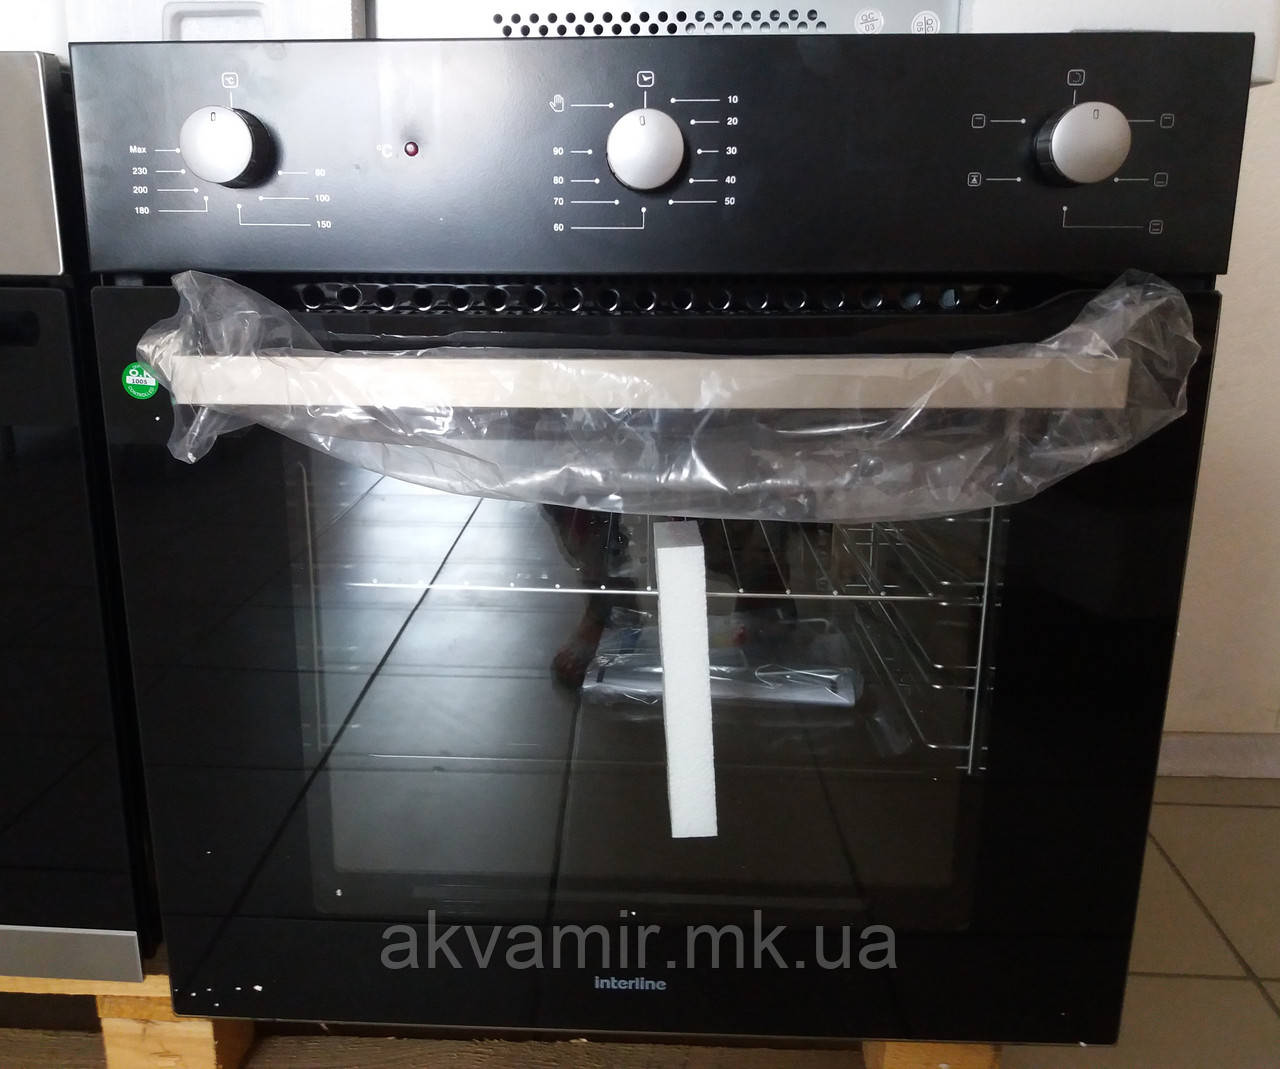 Духовой шкаф INTERLINE HK 400 BK встраиваемый электрический